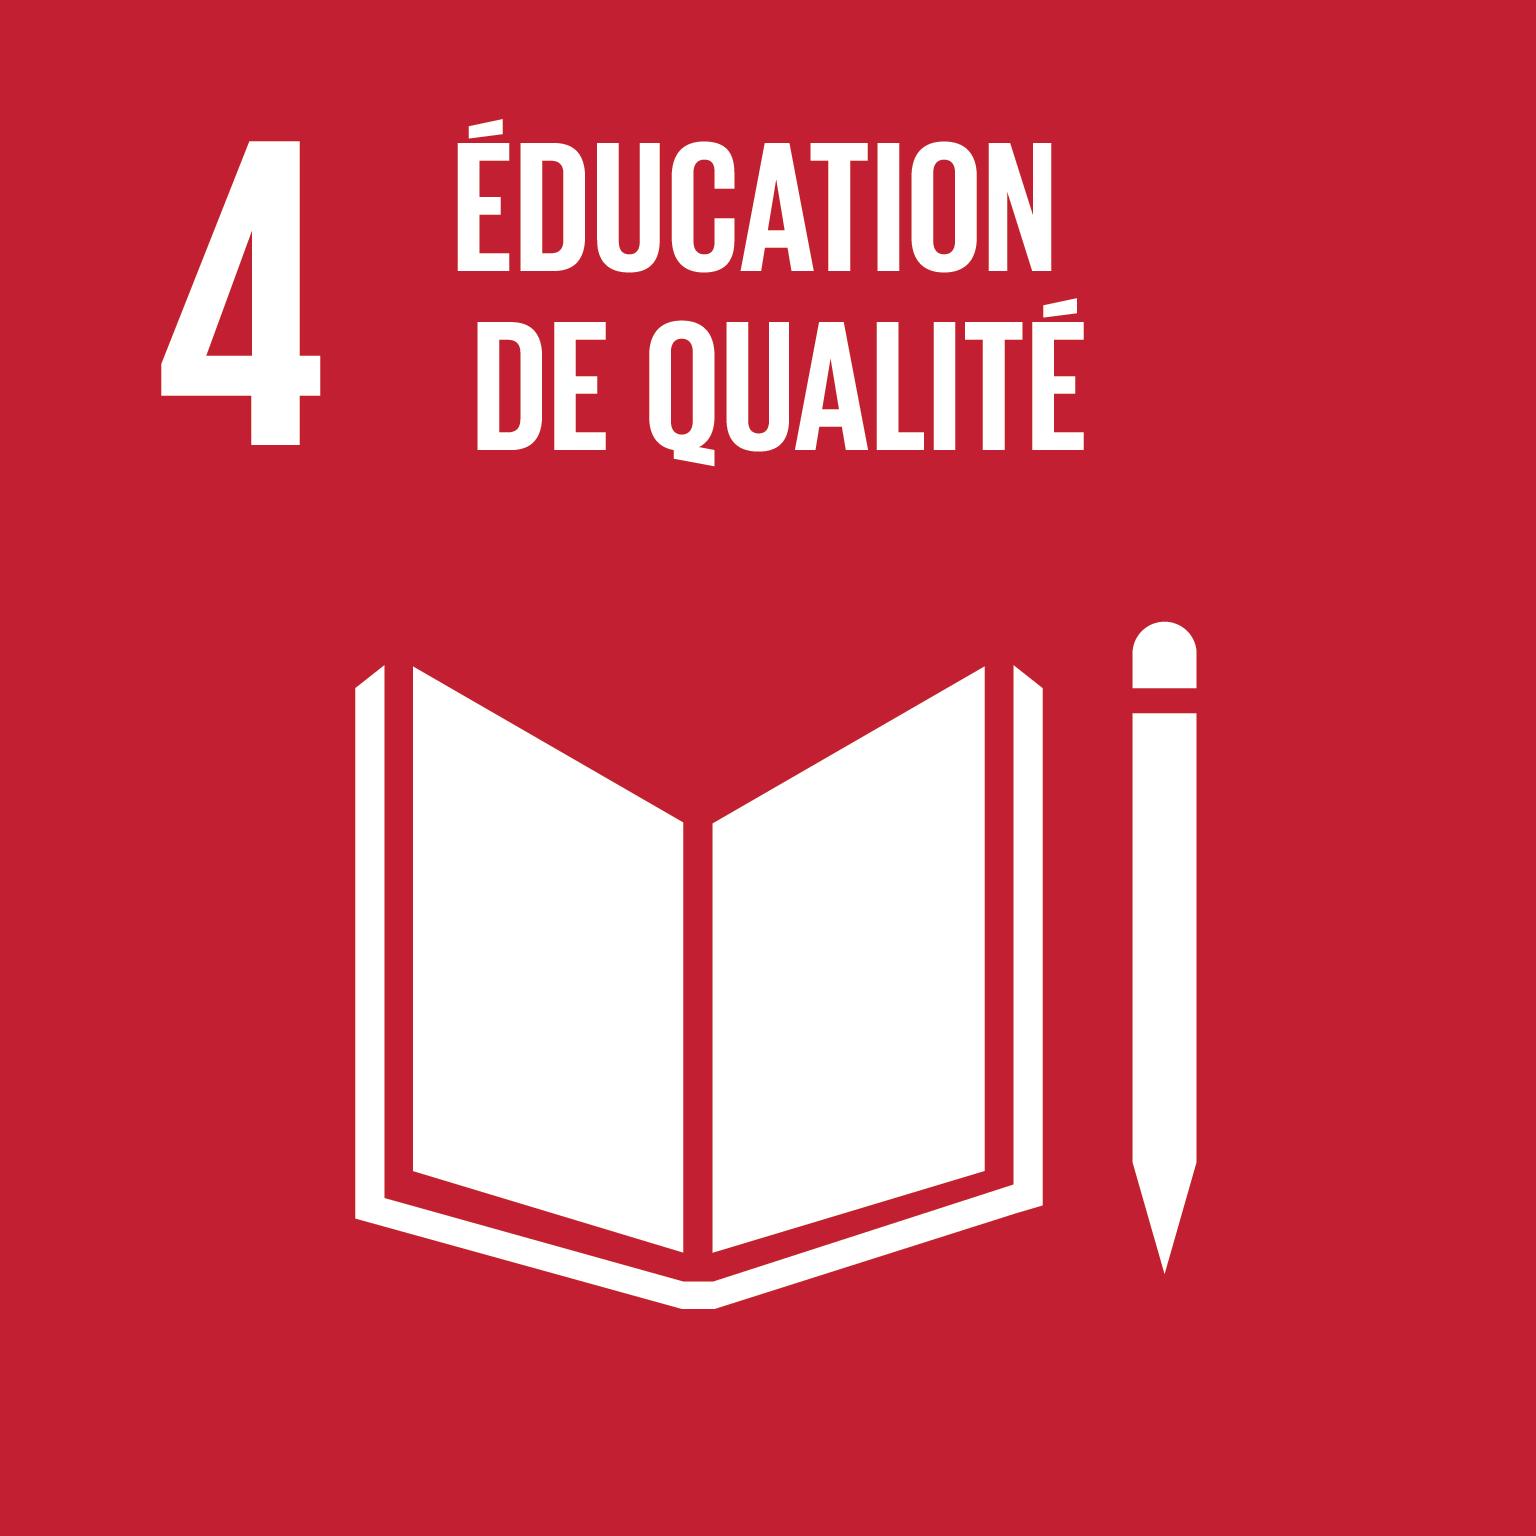 ODD Education de qualité